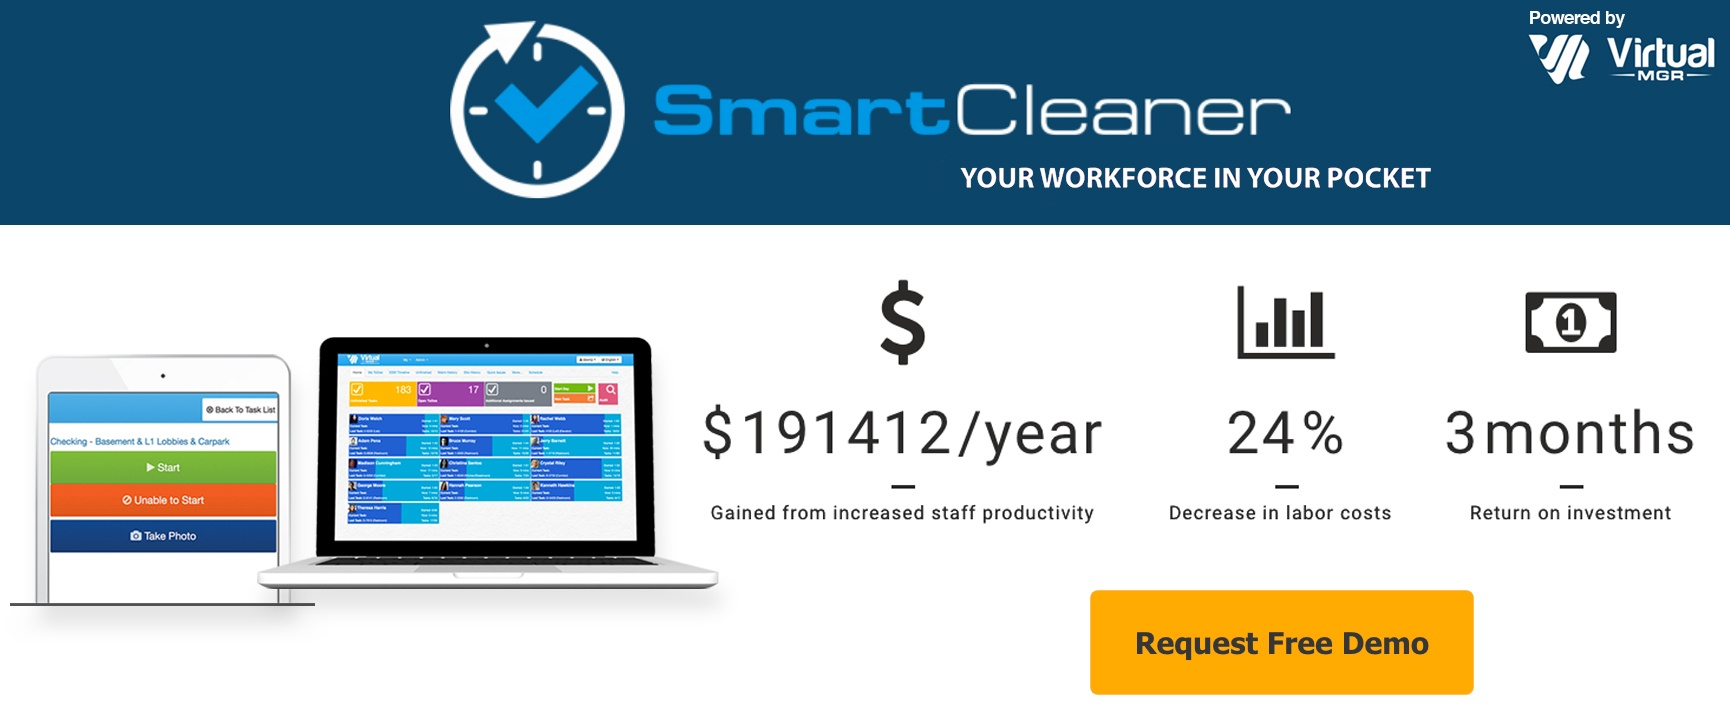 SmartCleaner_Banner5.jpg